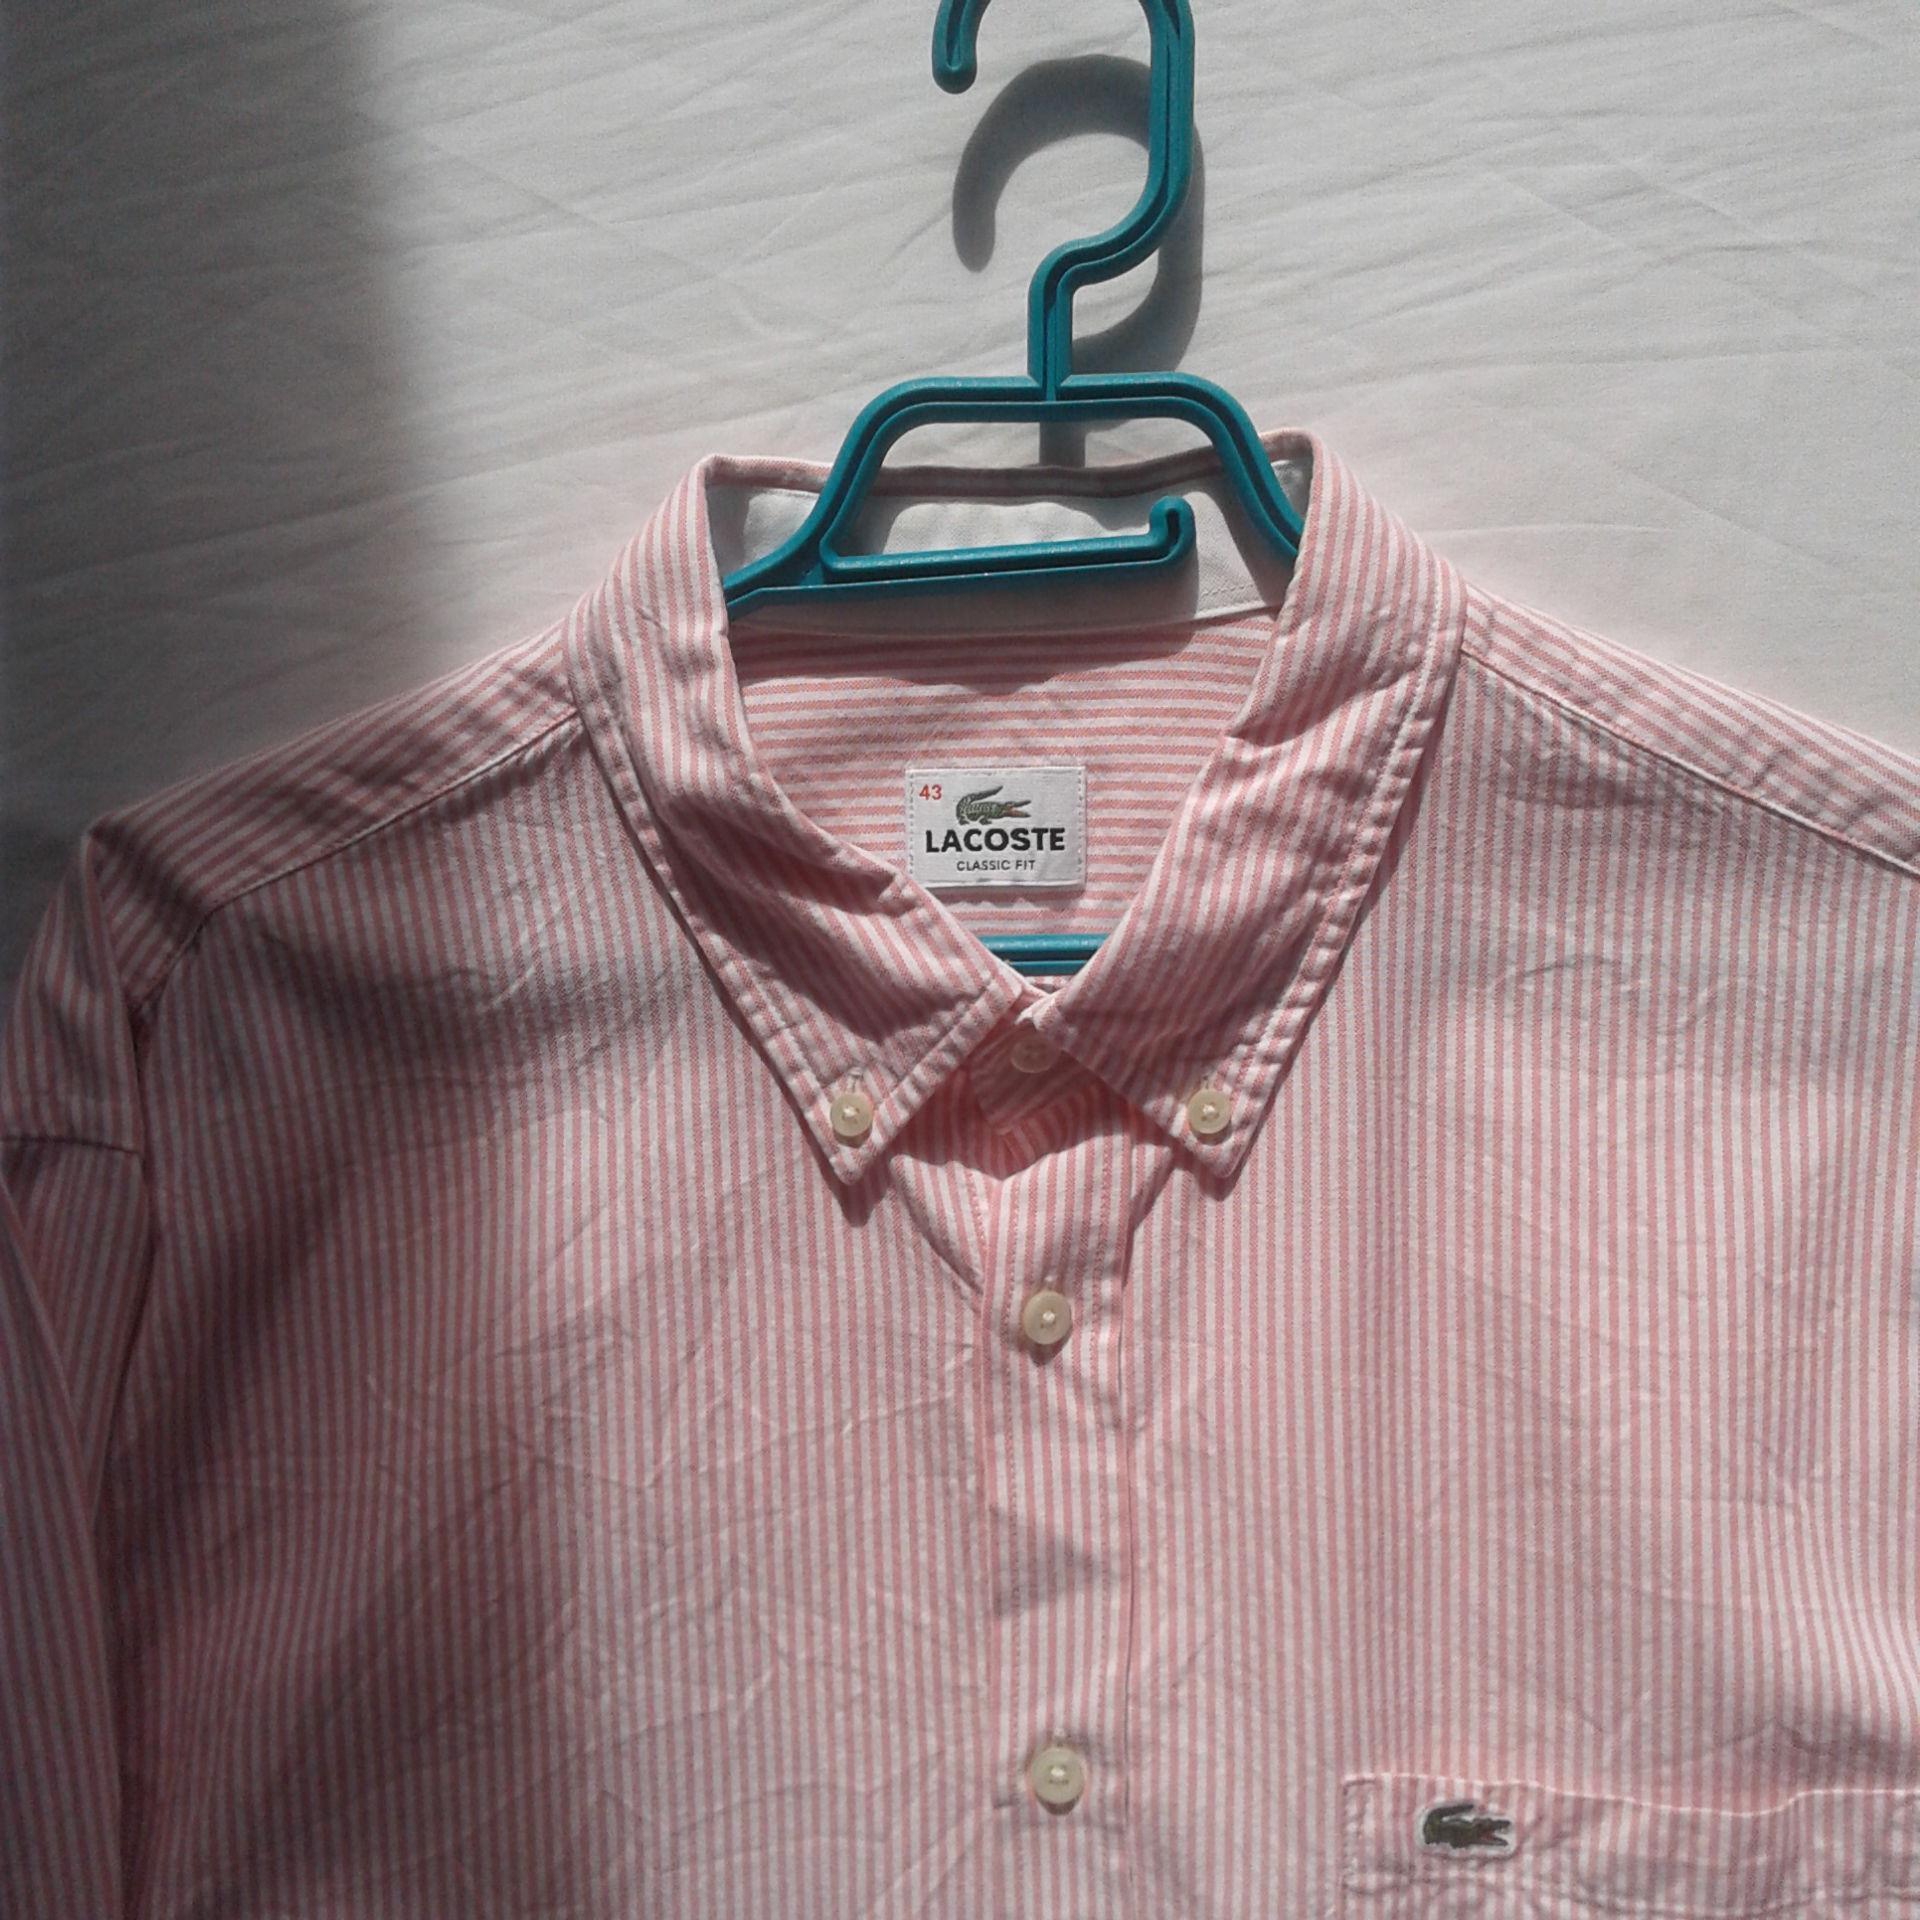 b930f31a44 Chemises homme occasion dans le Rhône (69), annonces achat et vente ...